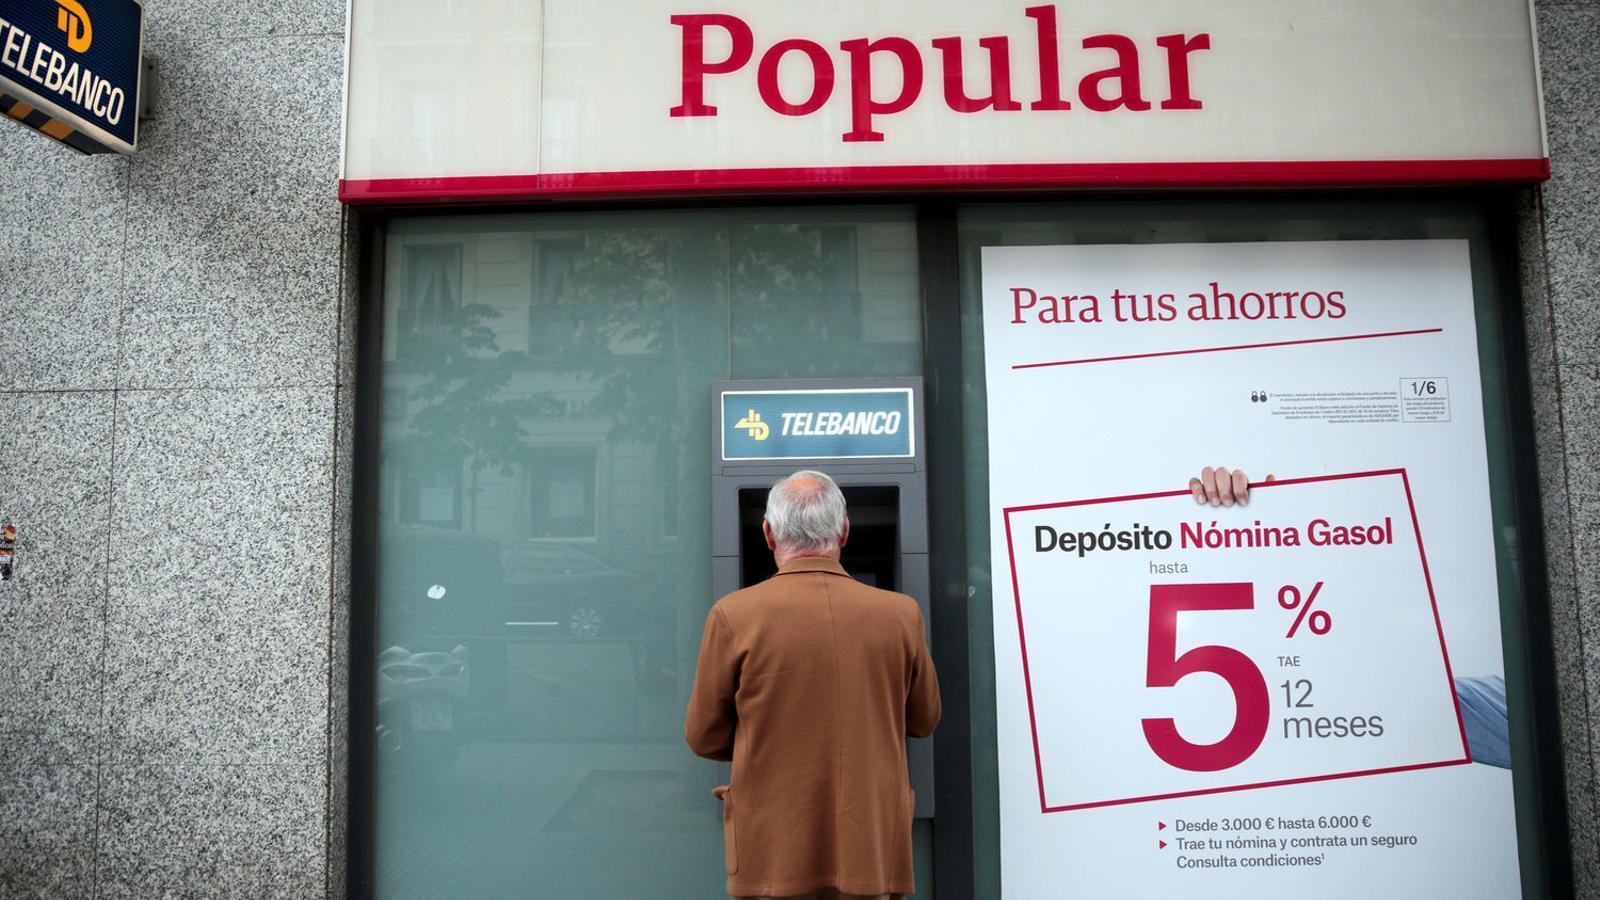 La decisió de la CNMV podria ajudar els particulars que s'han querellat contra el banc